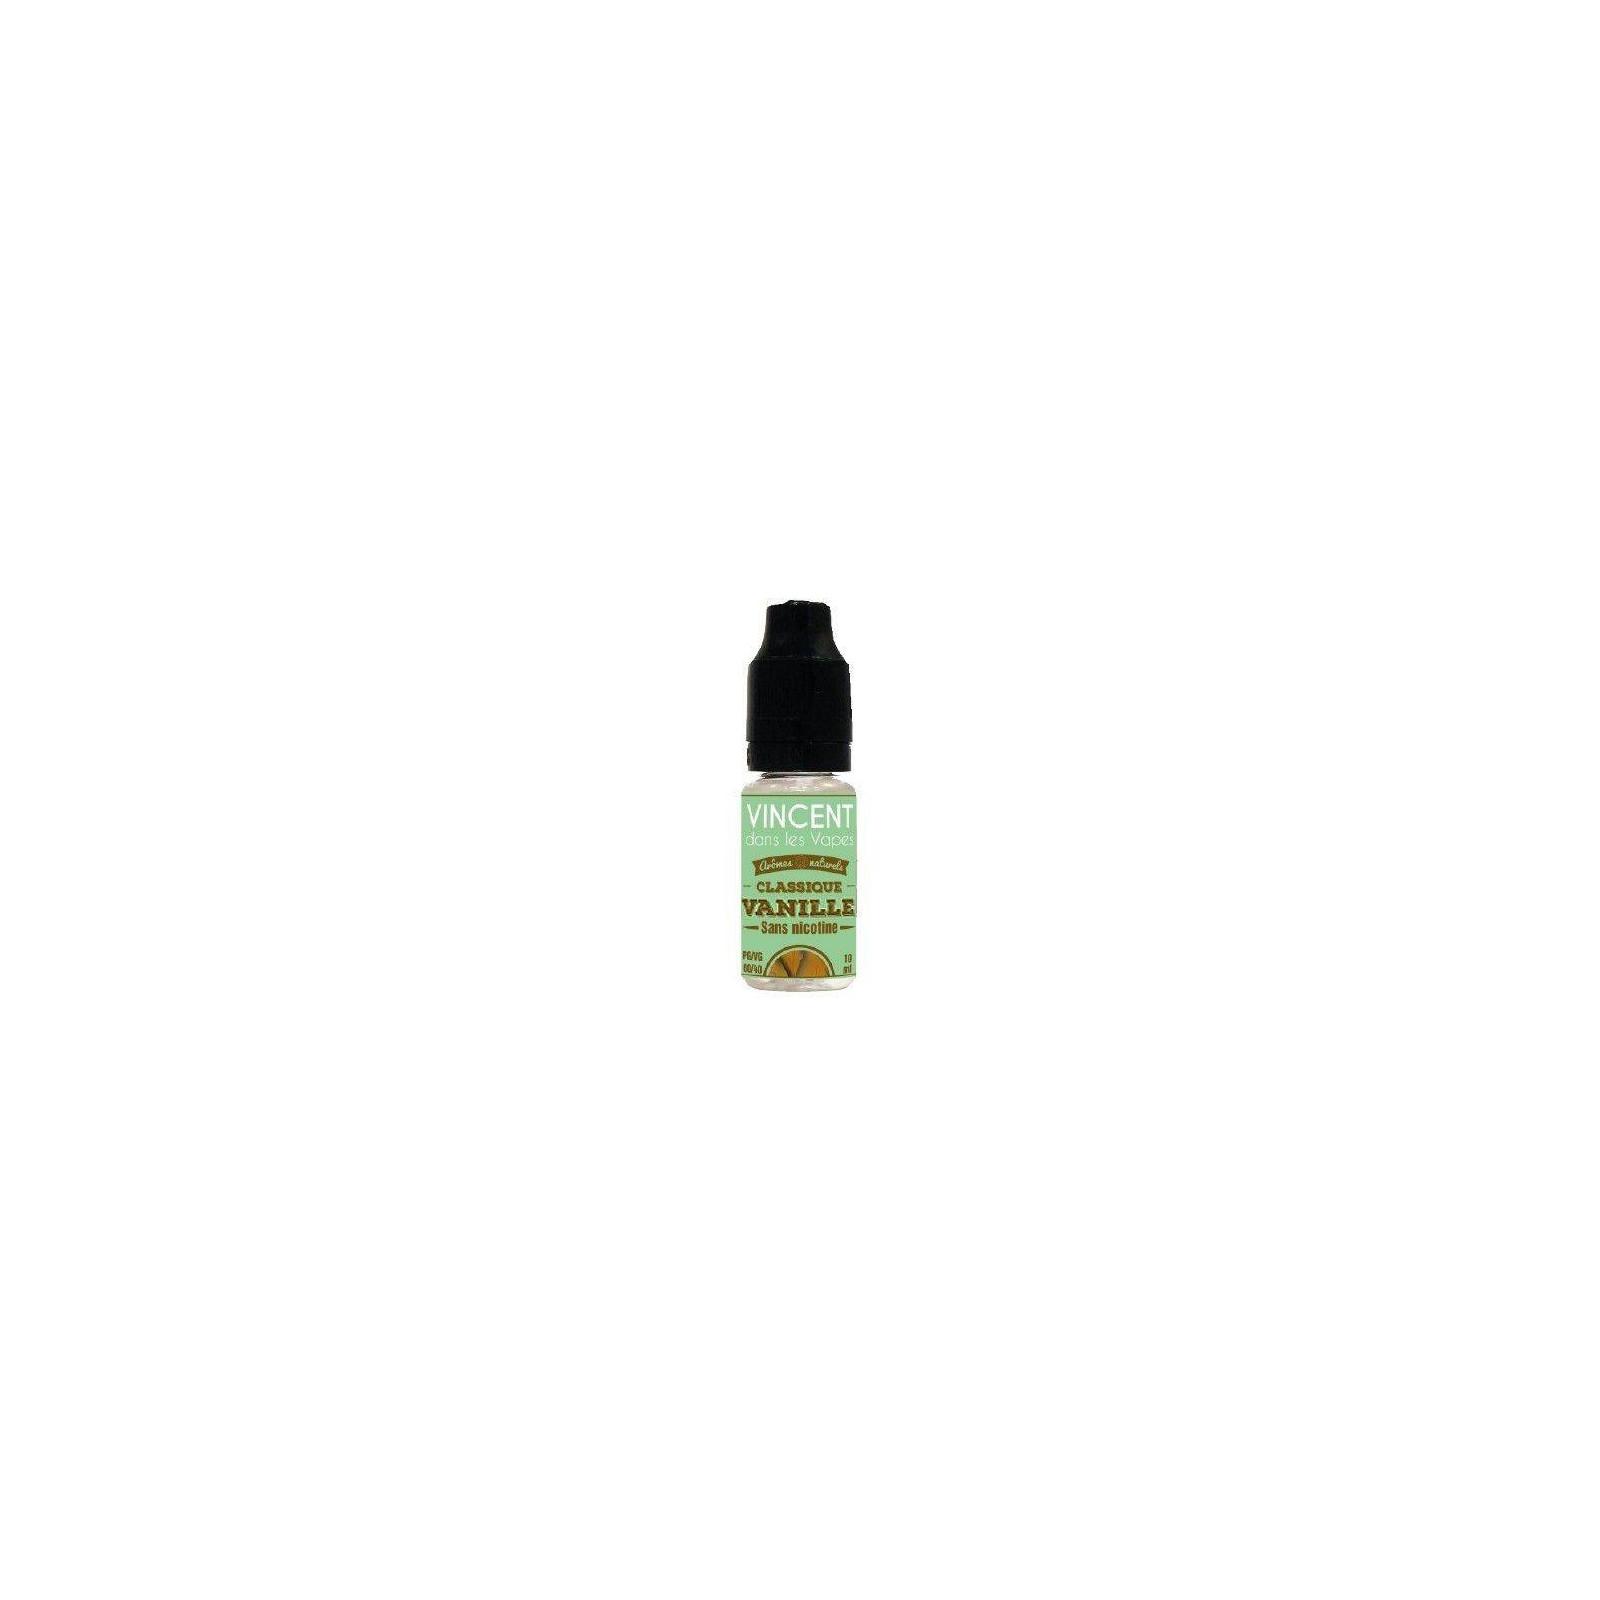 Classique Vanille - Vincent dans les Vapes